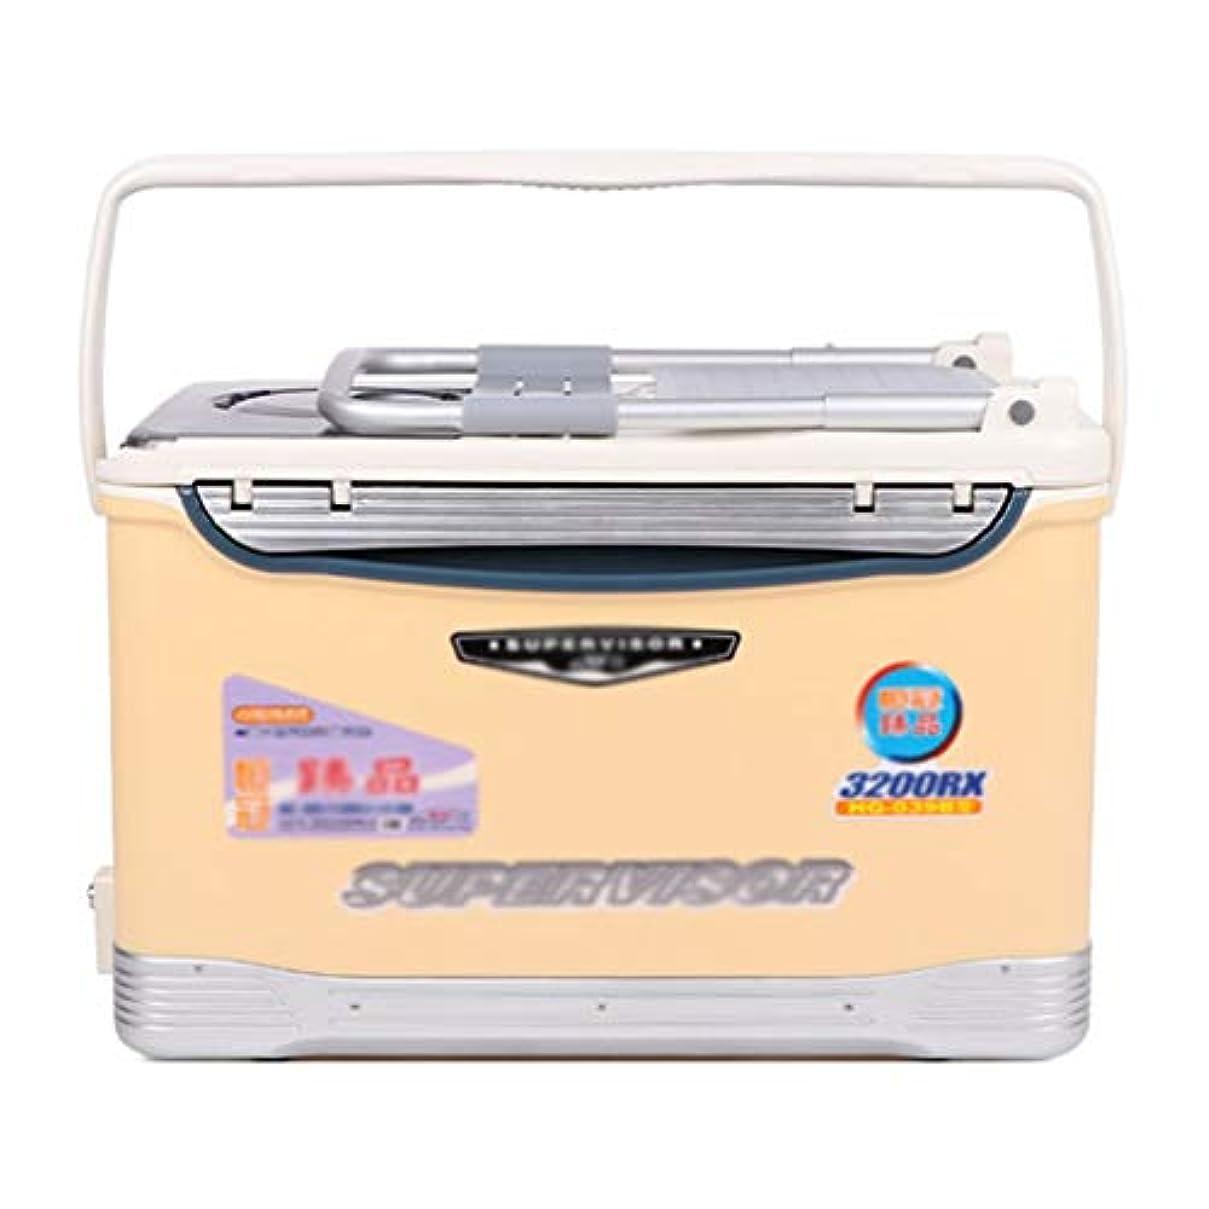 手を差し伸べる冷蔵庫広々とした餌箱 釣り道具箱 釣り箱 多機能釣り箱 収納箱 道具箱 32L容量 ギフト (Color : Beige, Size : 56*33*36.5cm)